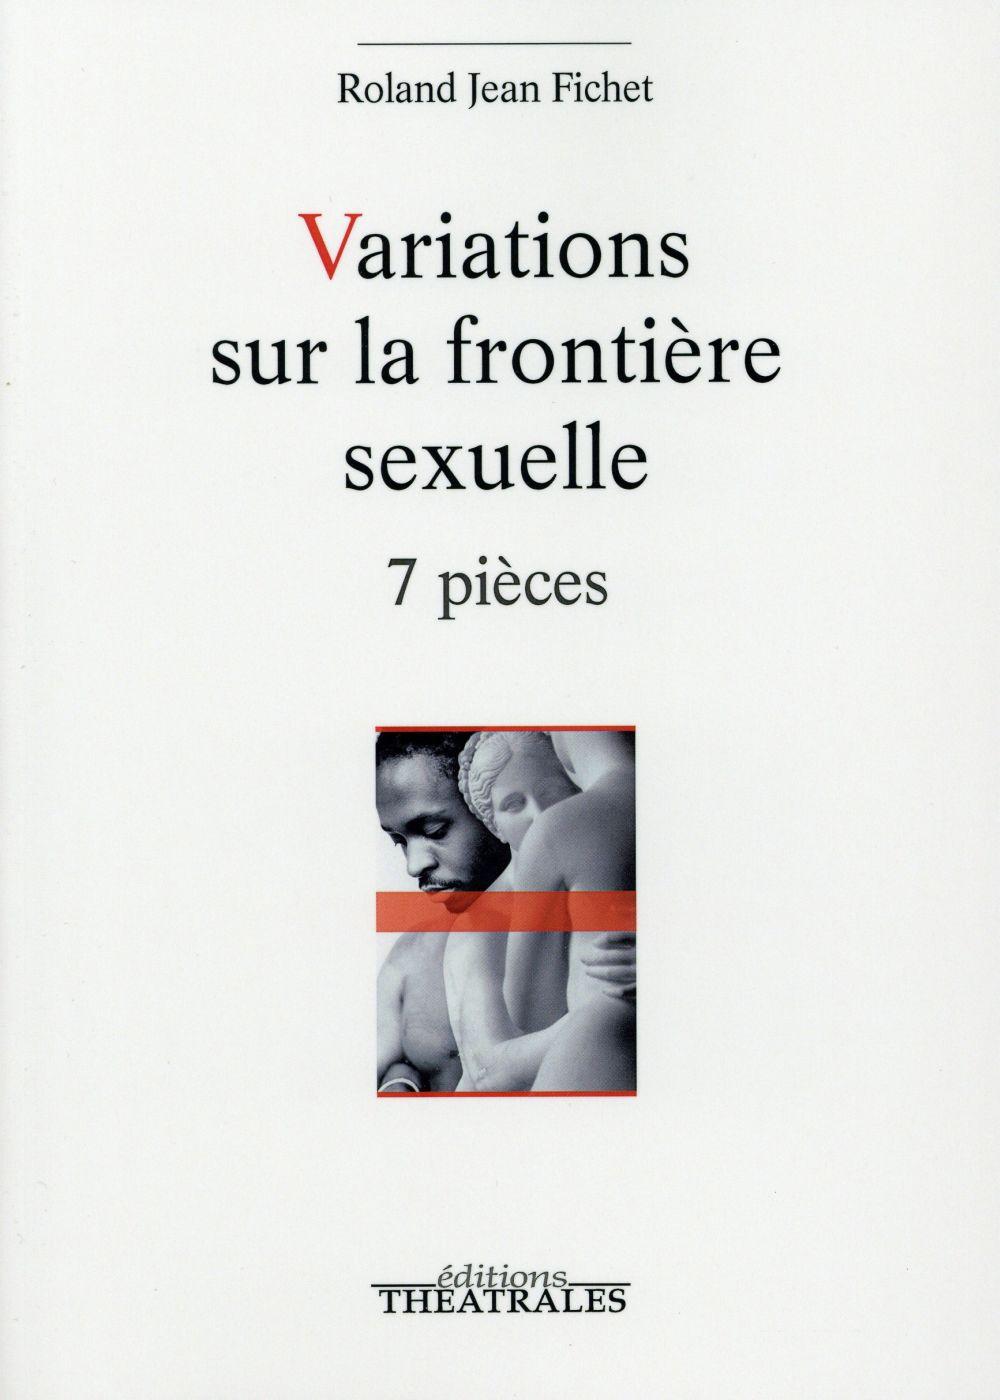 VARIATIONS SUR LA FRONTIERE SEXUELLE 7 PIECES